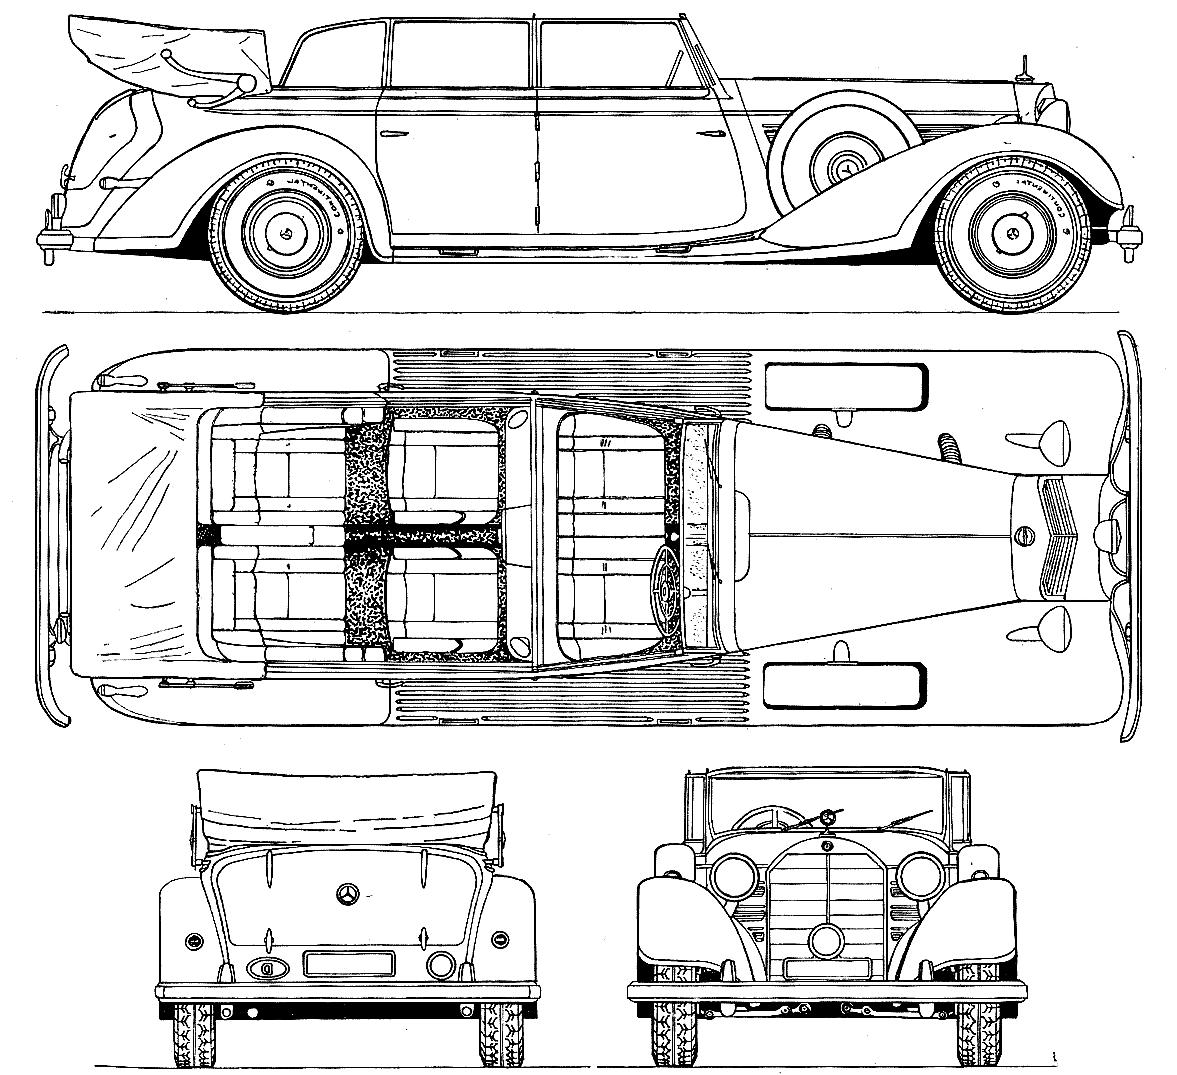 Opel Corsa 1.4 Si